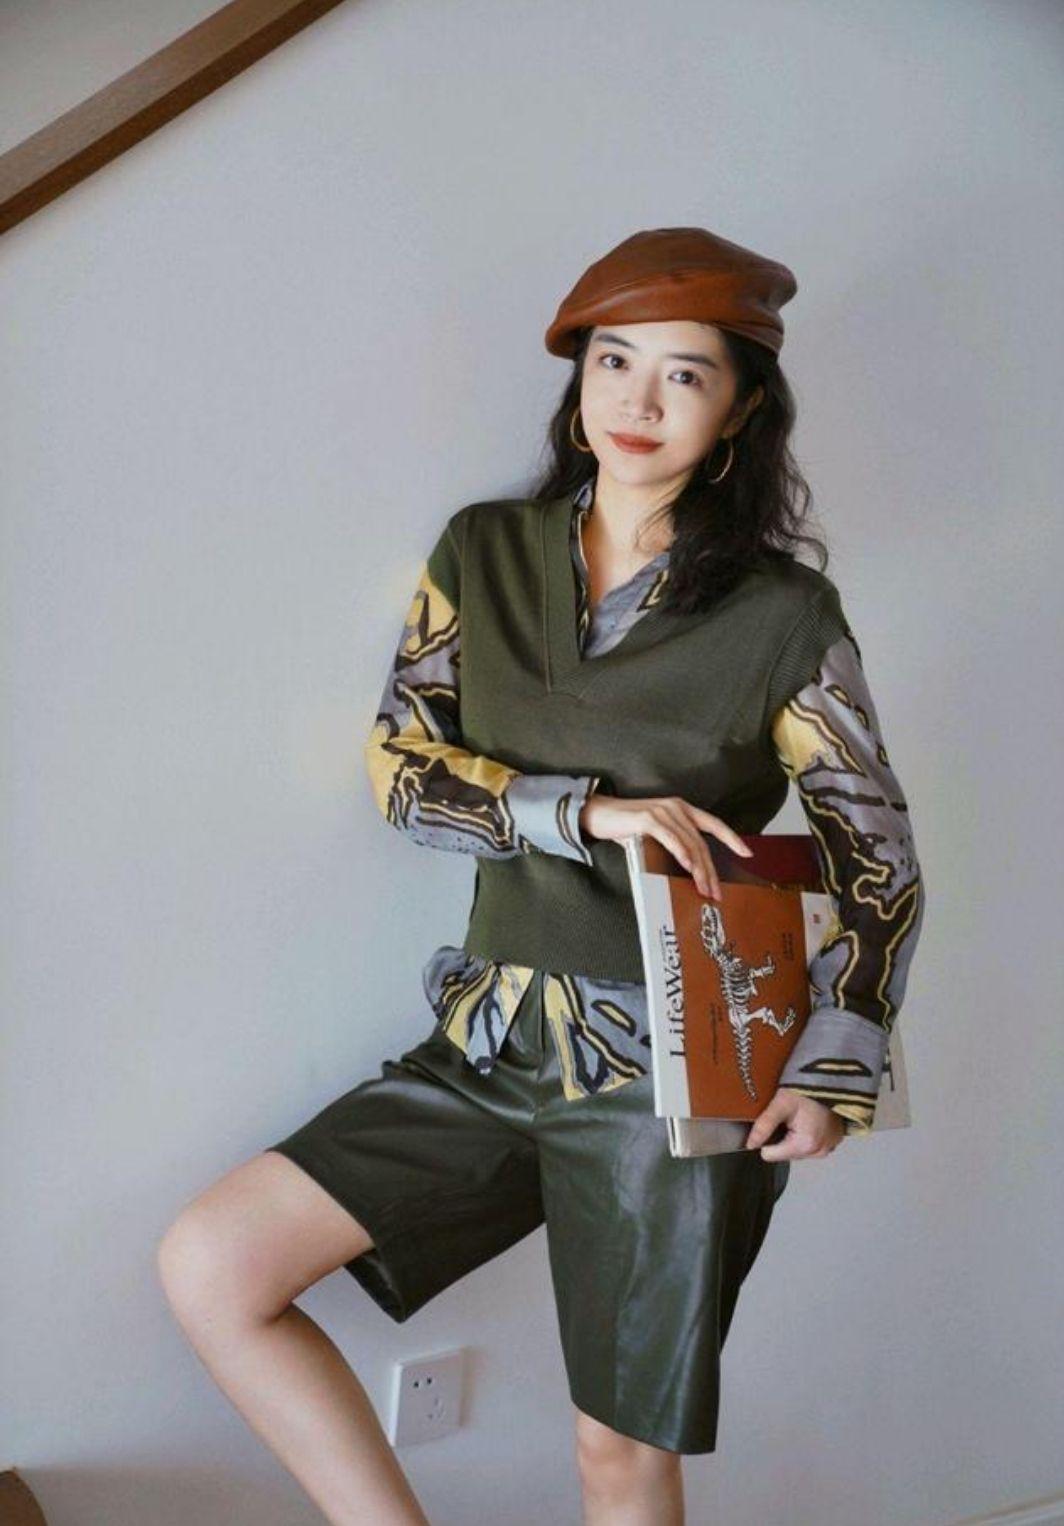 如何疊穿才更時髦?學習三木這些穿搭公式,你也能秒變時尚達人